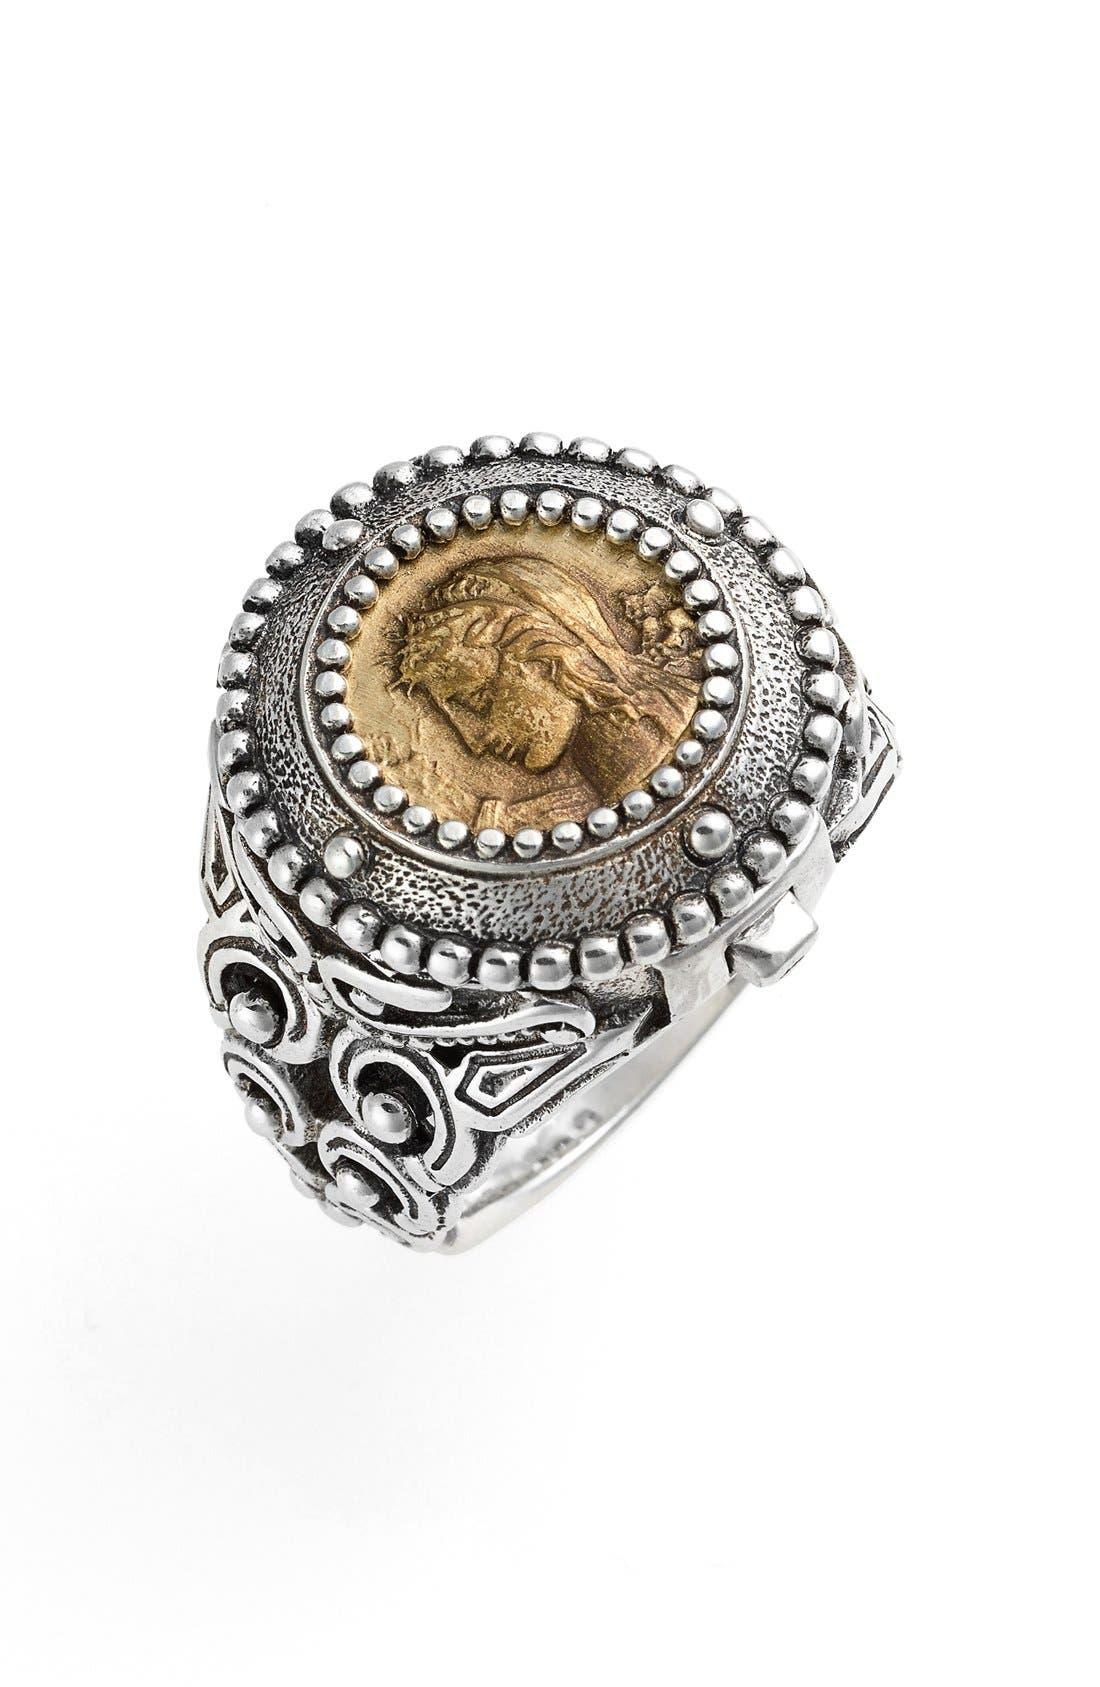 'Arethusa' Hinged Coin Ring,                             Main thumbnail 1, color,                             040